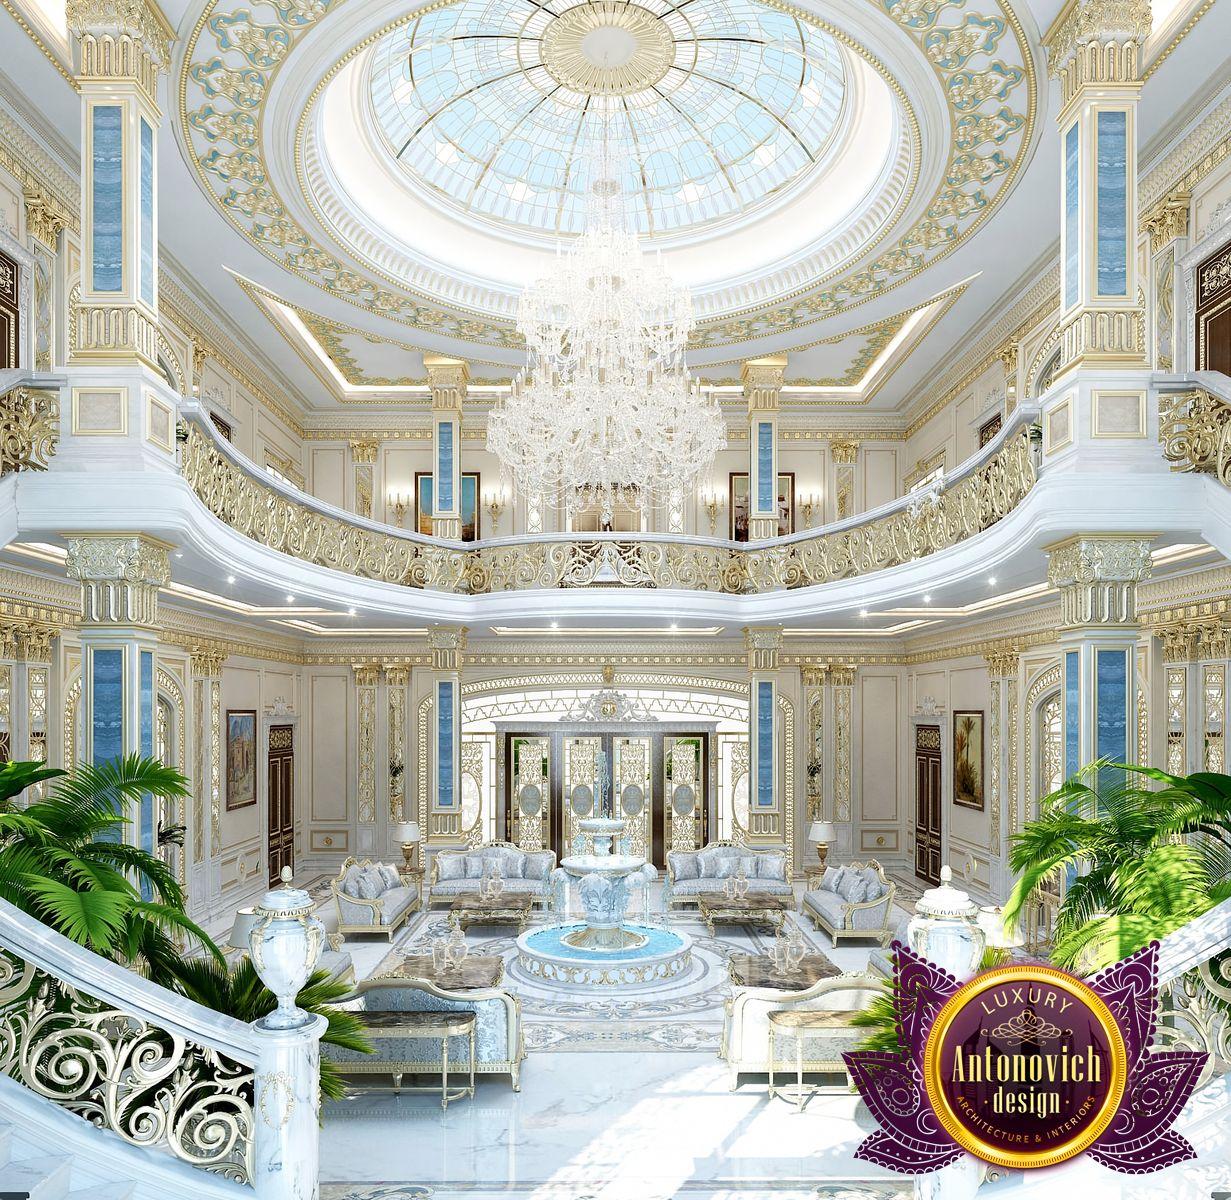 Kenyadesign the best interior design villa by katrina for Villa interior design augusta ga